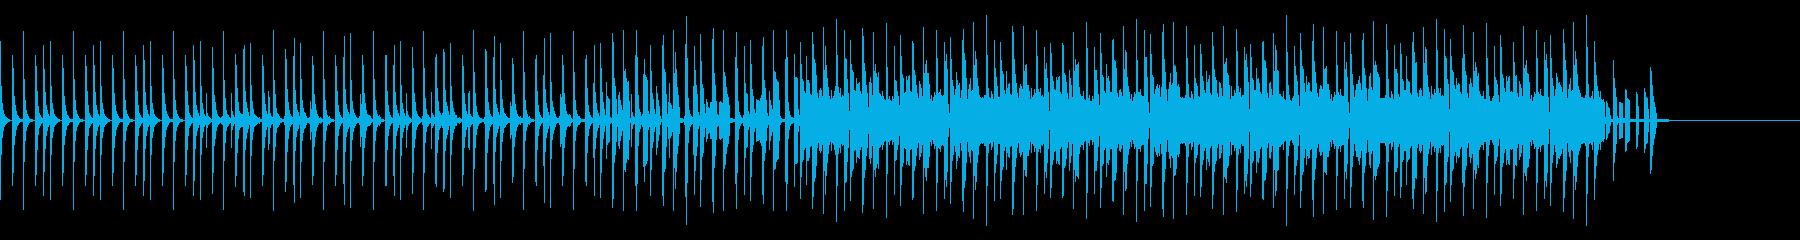 スローテンポスウィングノービートバージョの再生済みの波形